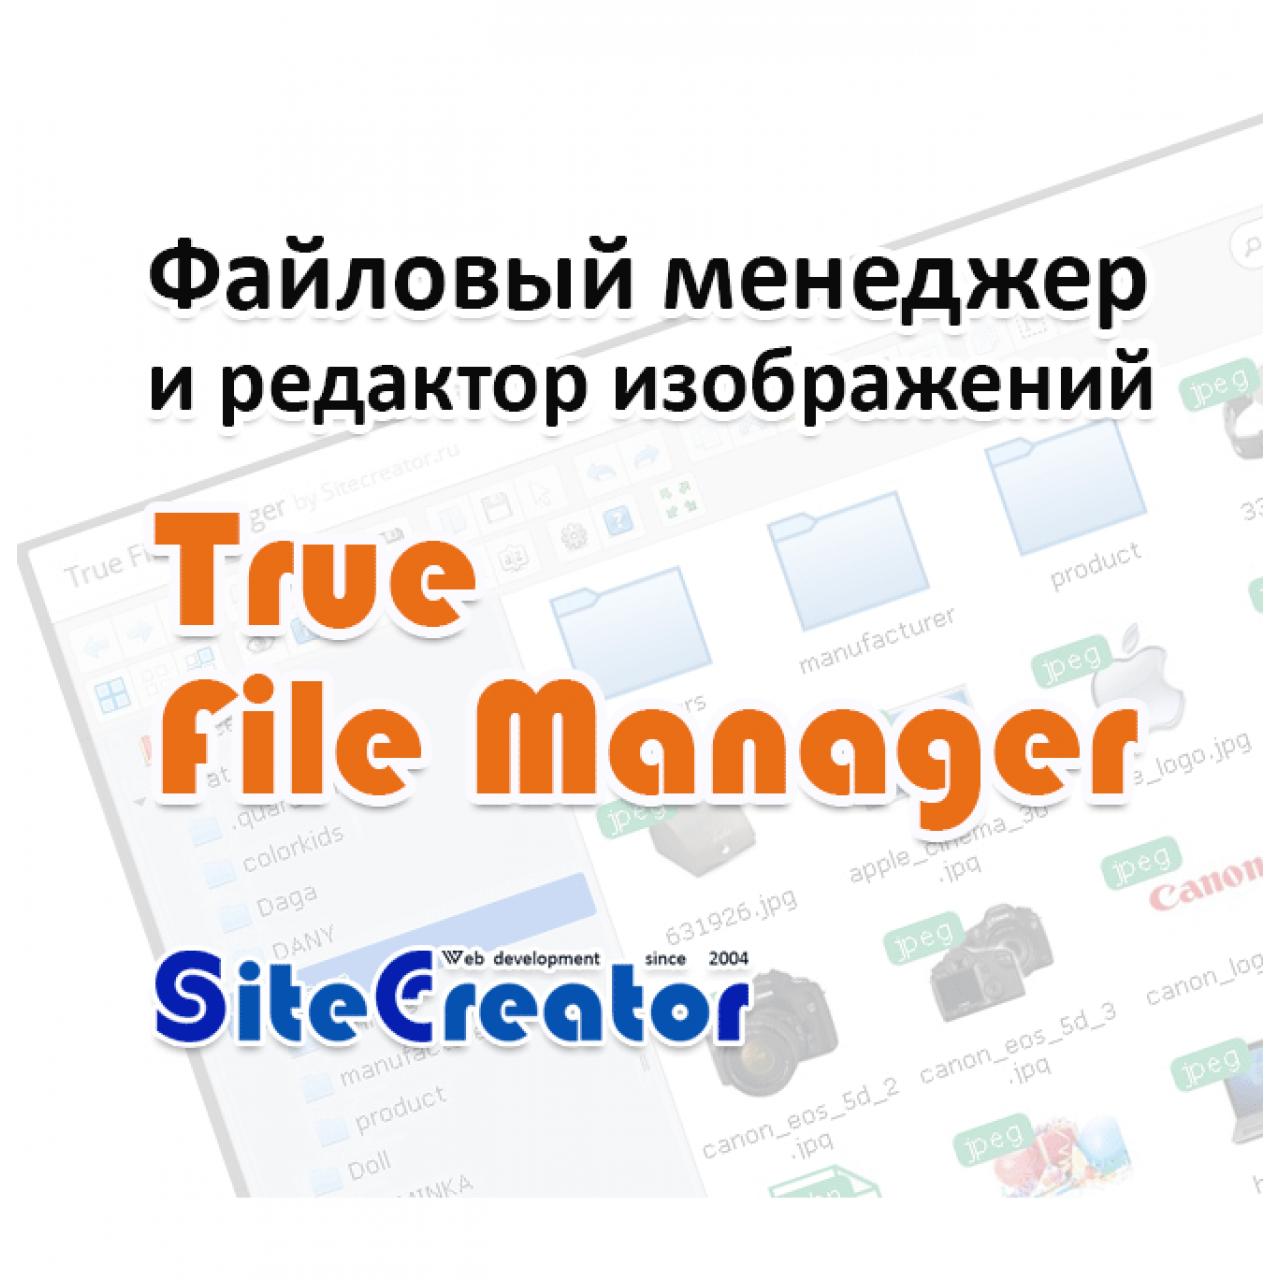 True File Manager - Менеджер и Редактор изображений для opencart 2.* и 3.0 вер. 1.1.0 & 1.3.0 из категории Редакторы для CMS OpenCart (ОпенКарт)